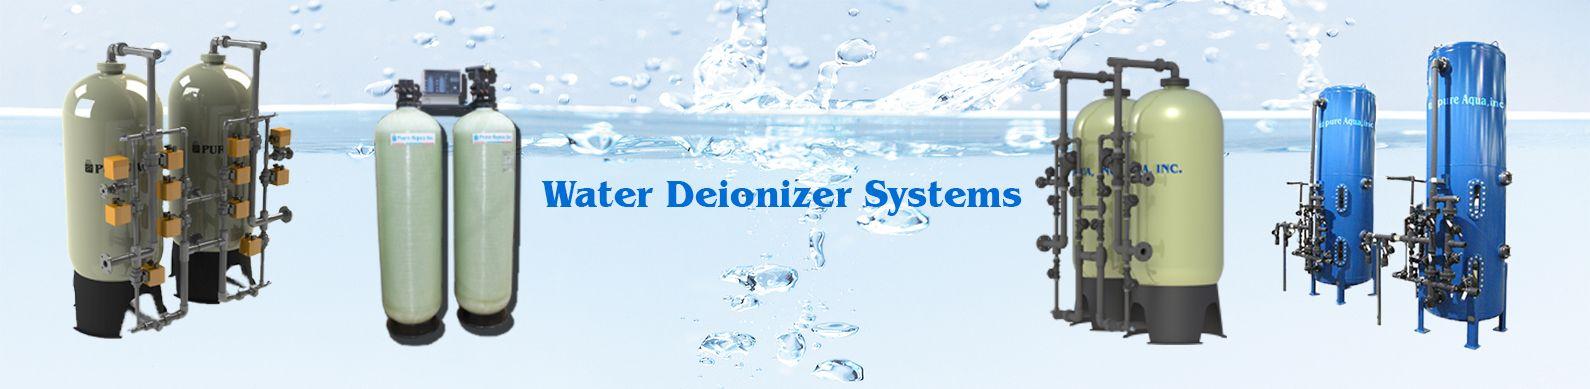 wwater-deionizer-systems-banner.jpg